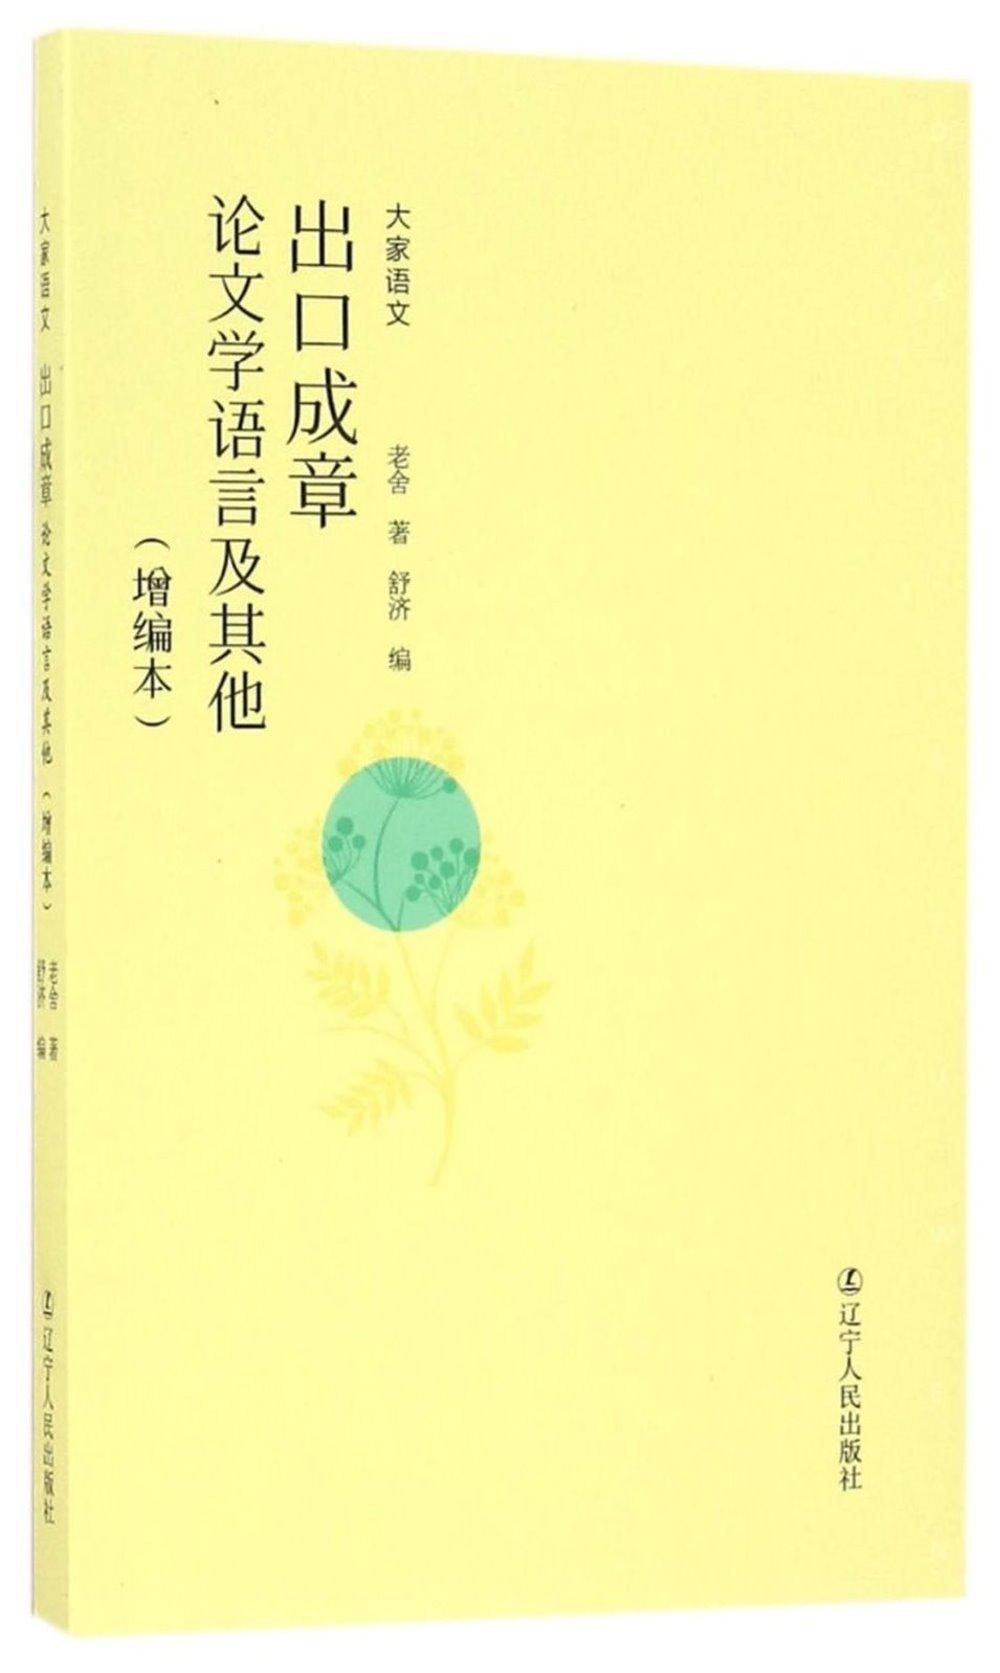 出口成章:論文學語言及  增編本